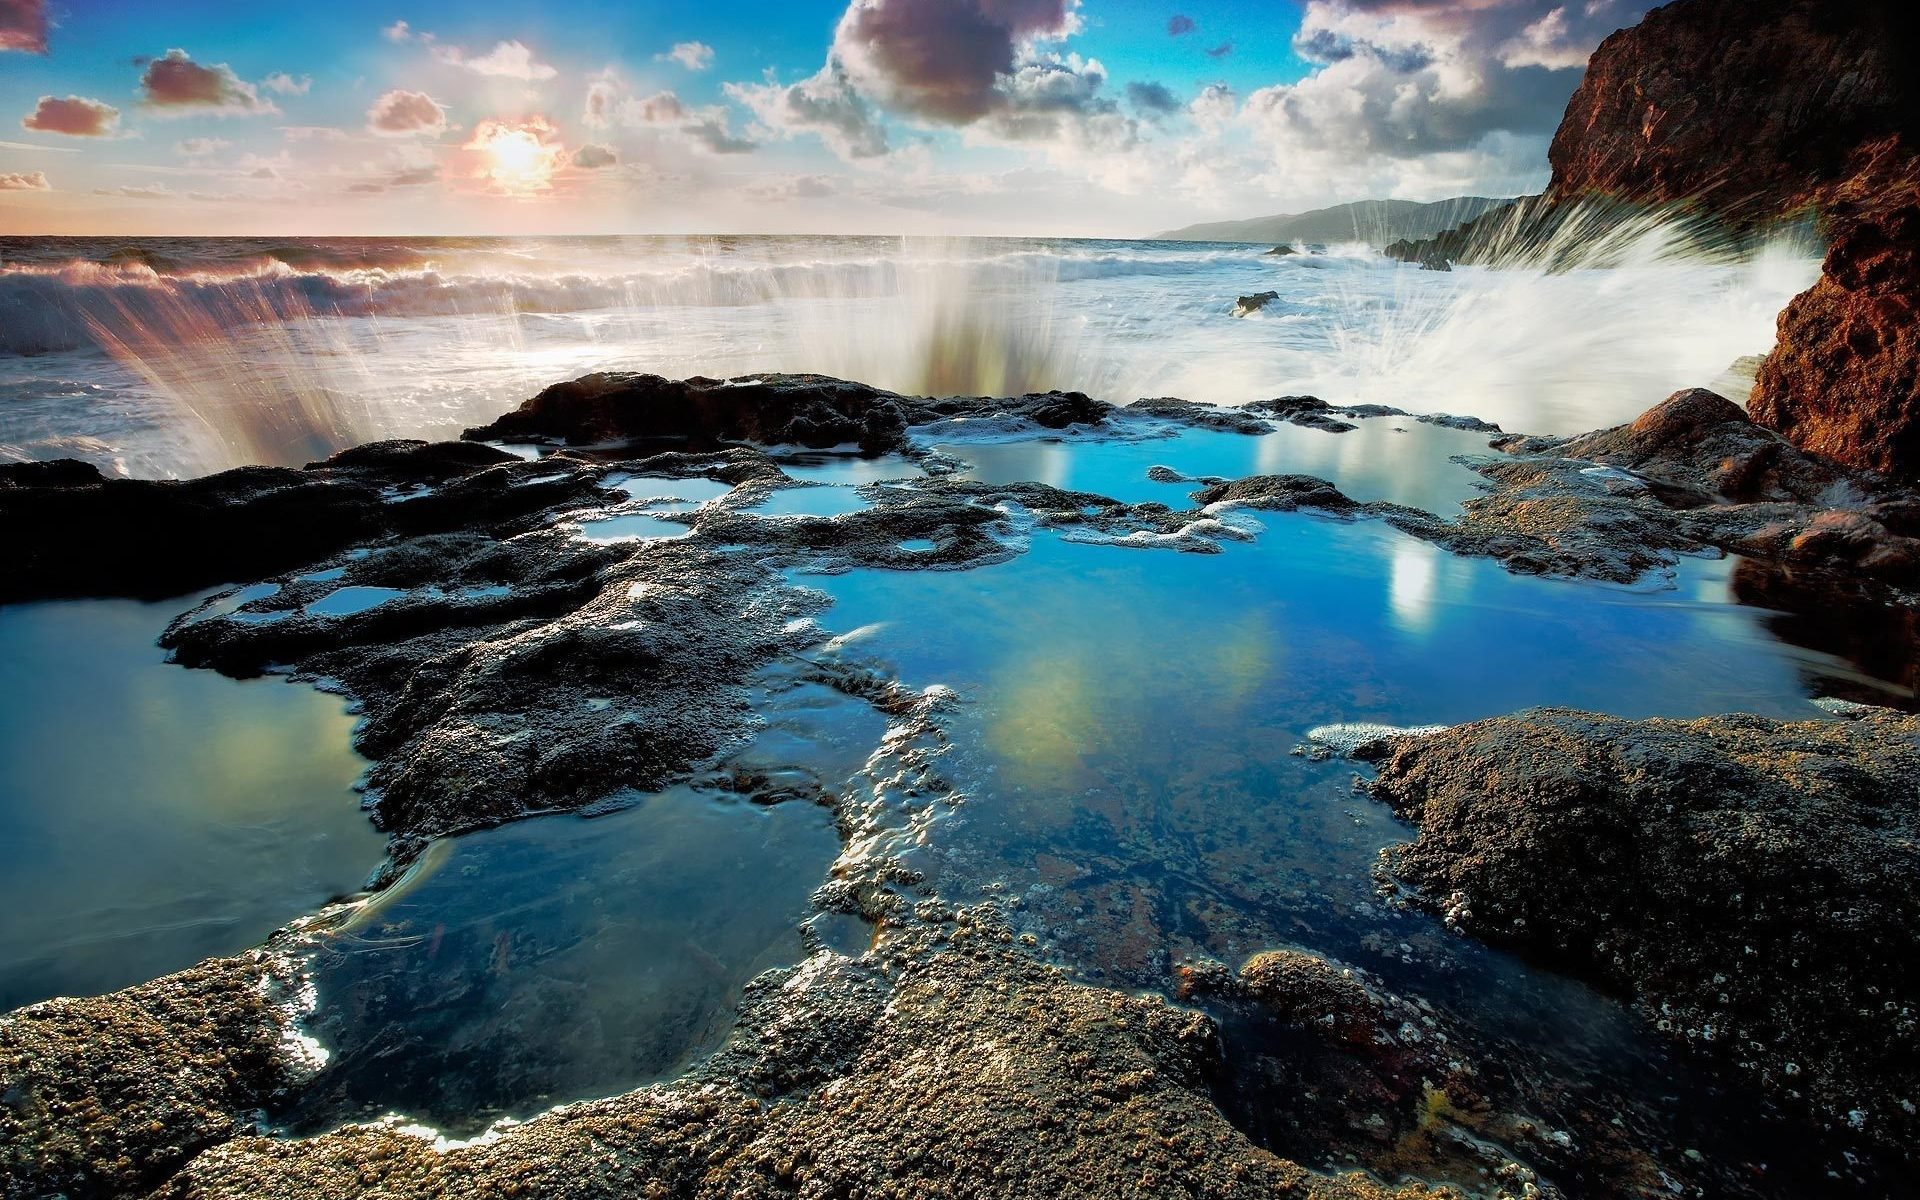 студии потрясающая природа планеты фото фотографии